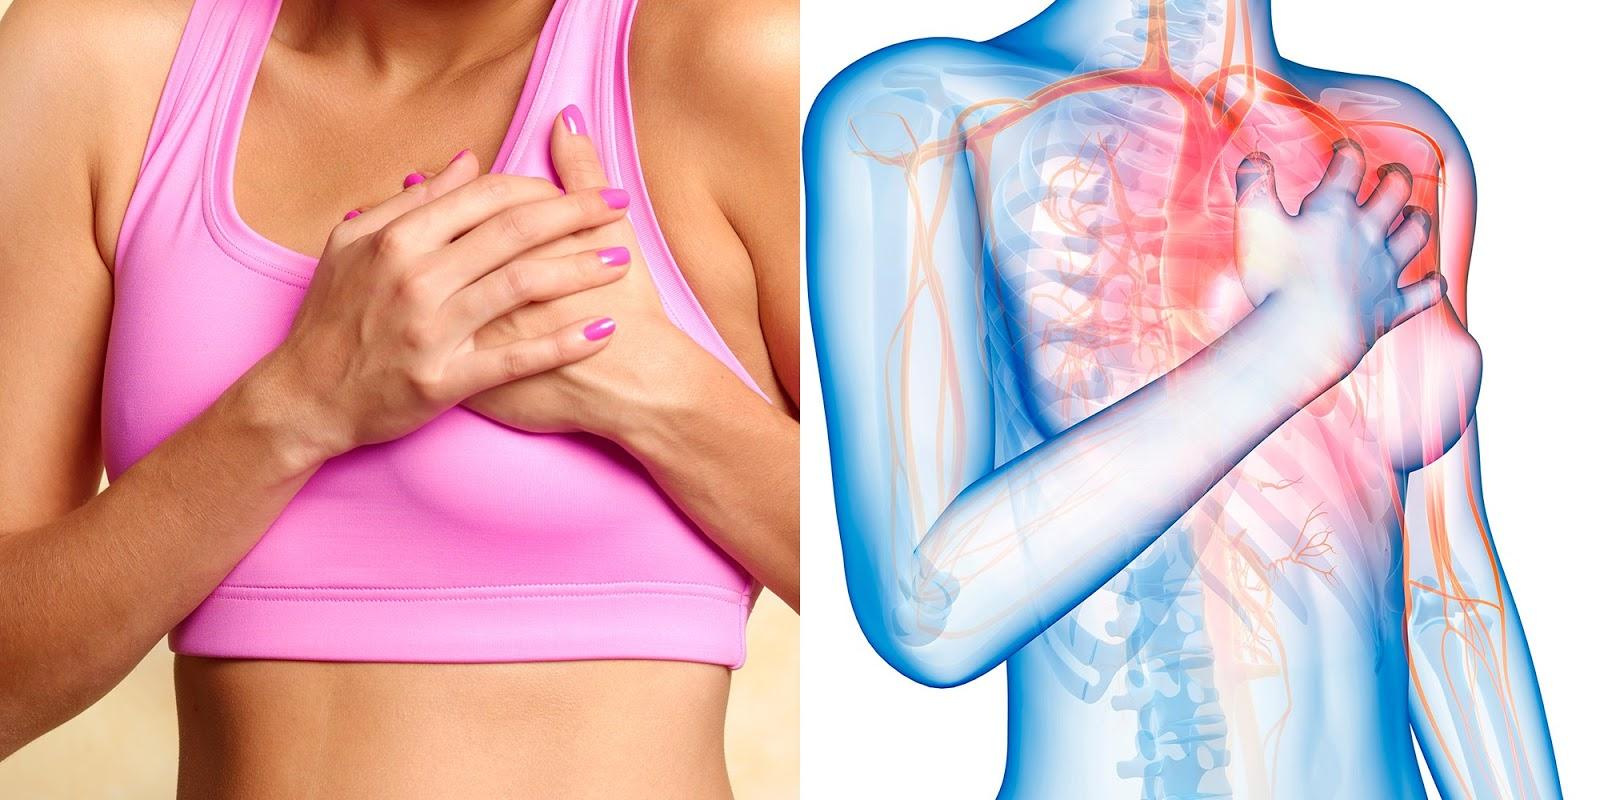 7 Precursor Symptoms Of Heart Attack That Women Often Ignore